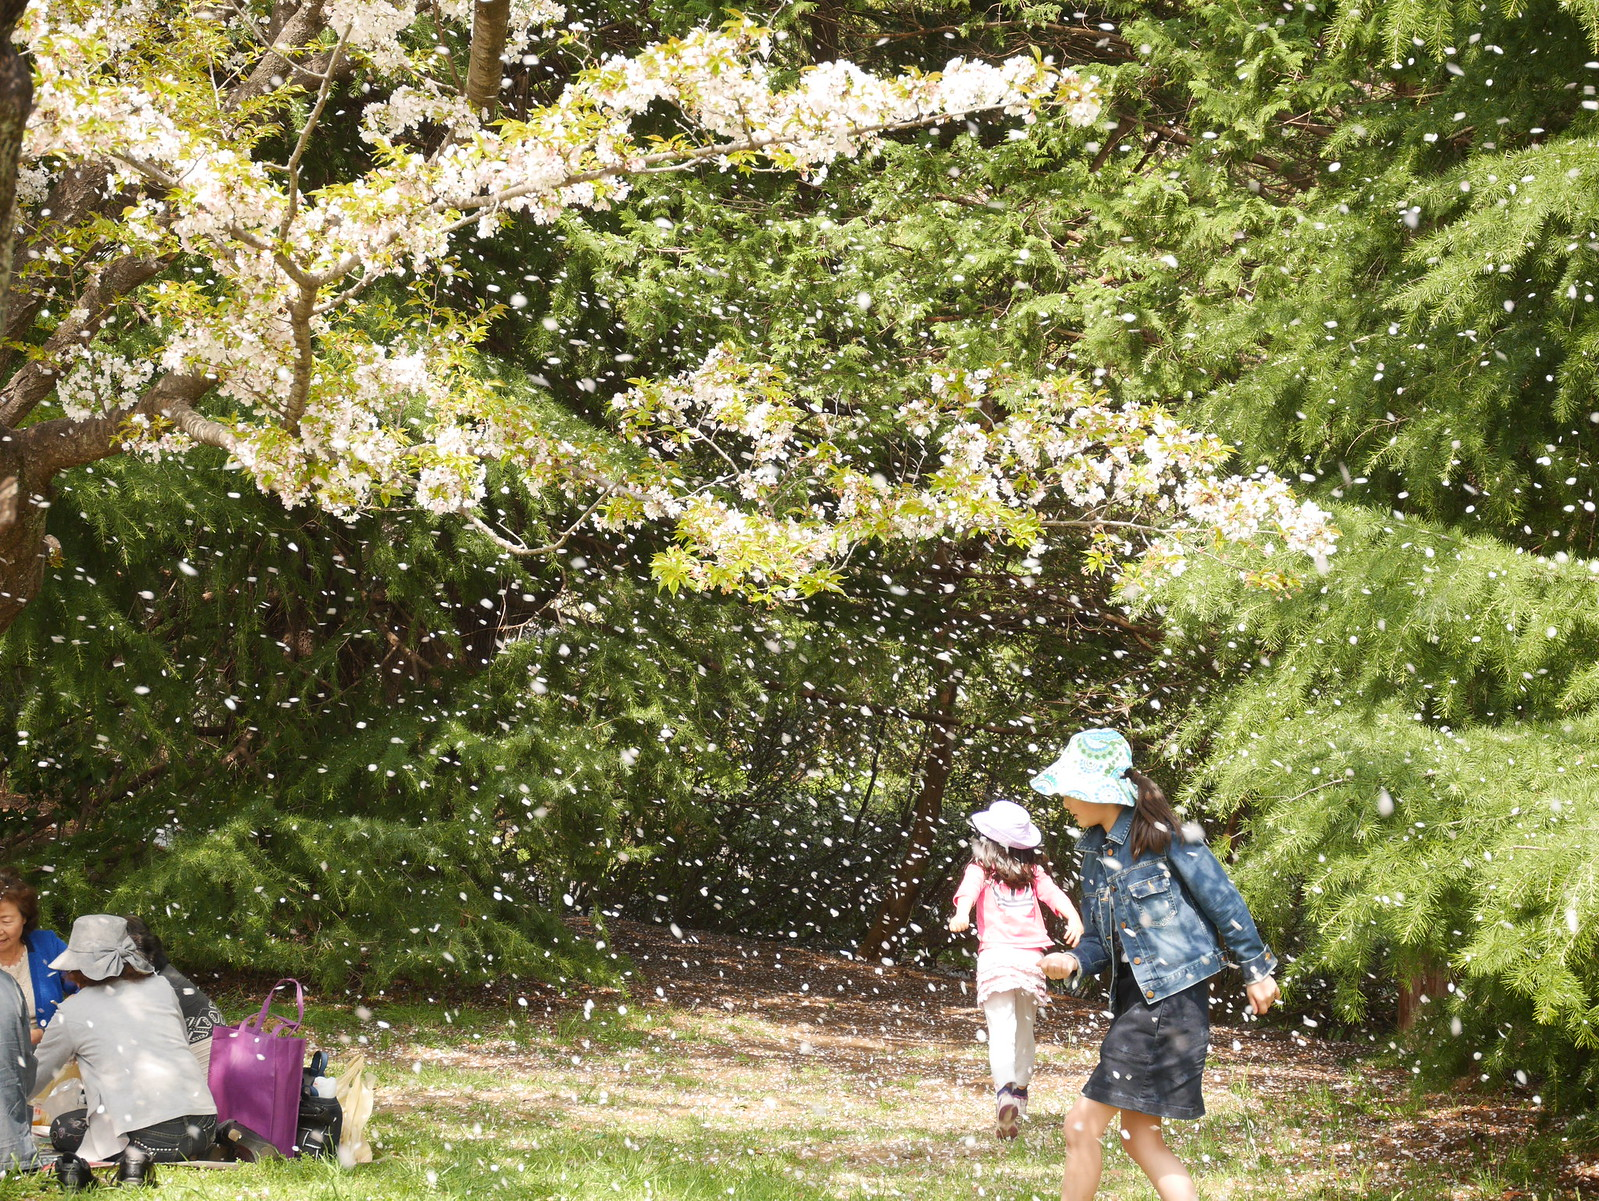 2018東京櫻花行 Day3 – 櫻吹雪、與銘機